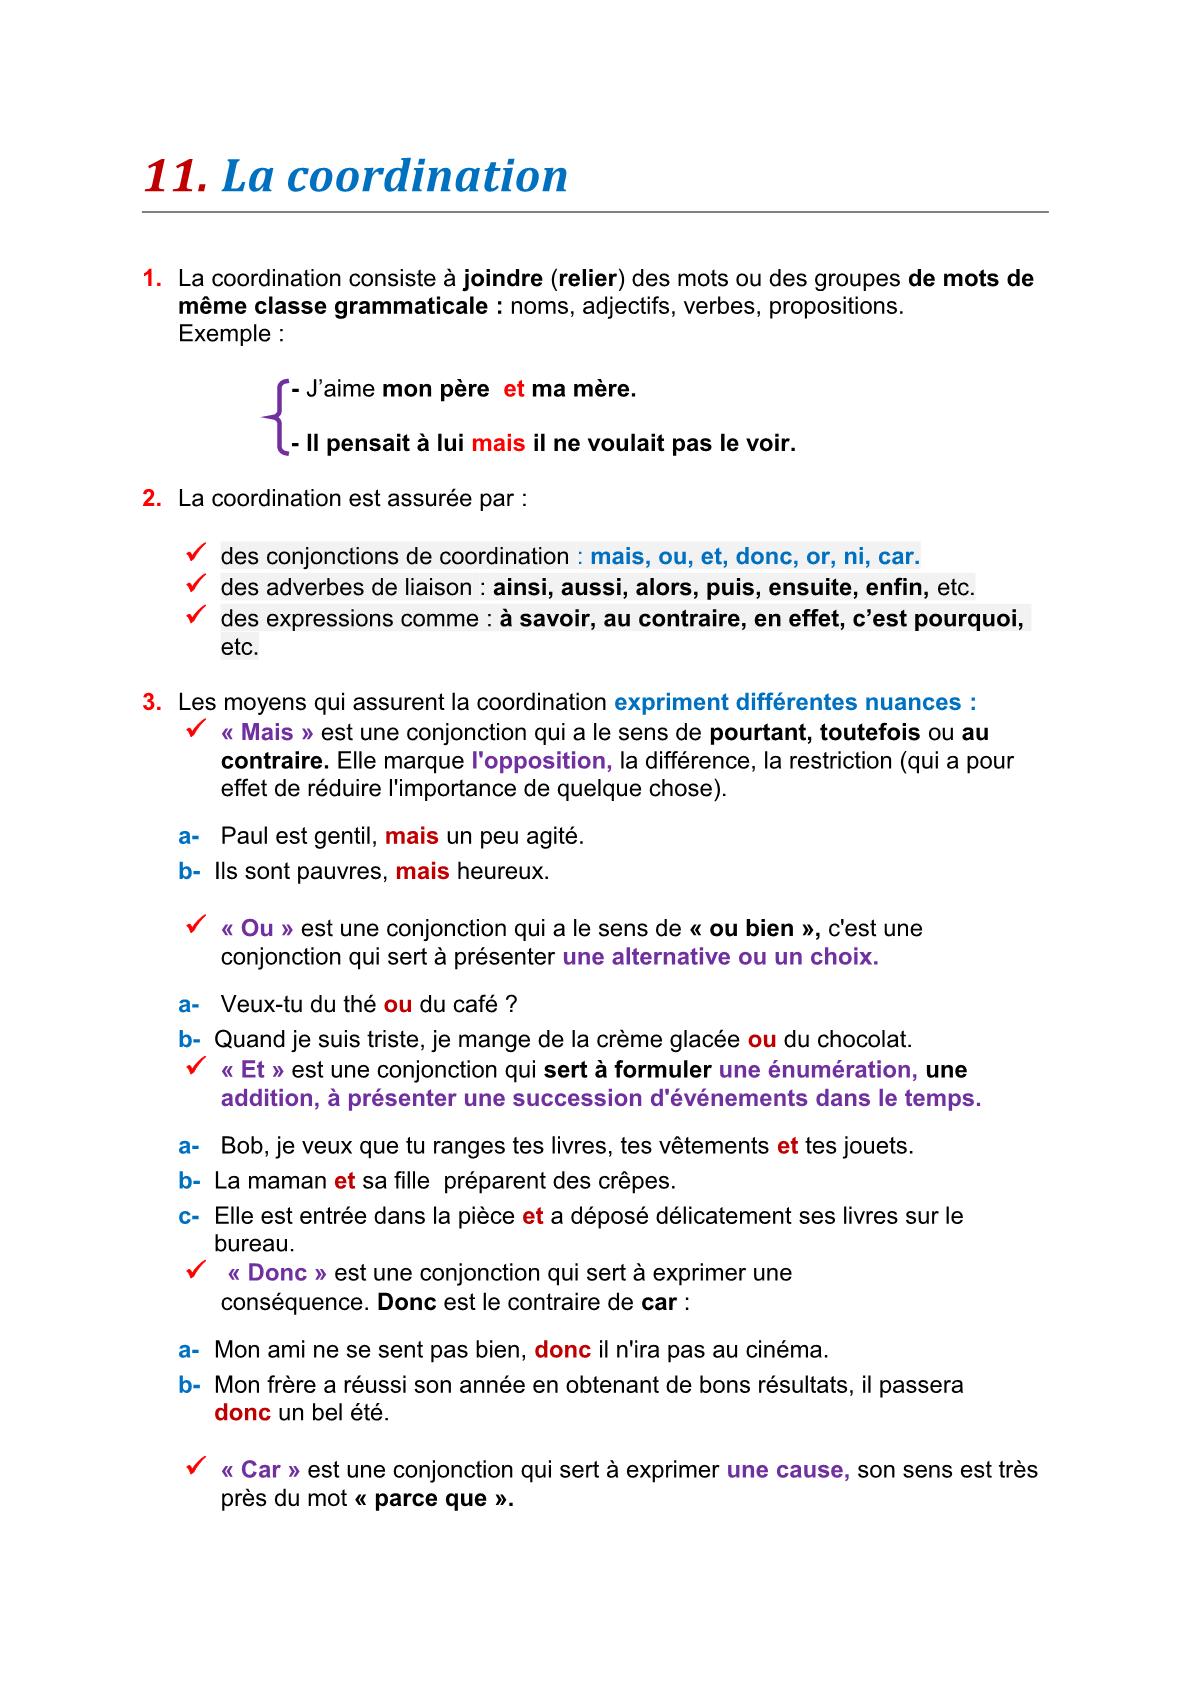 درس La coordination – مادة اللغة الفرنسية